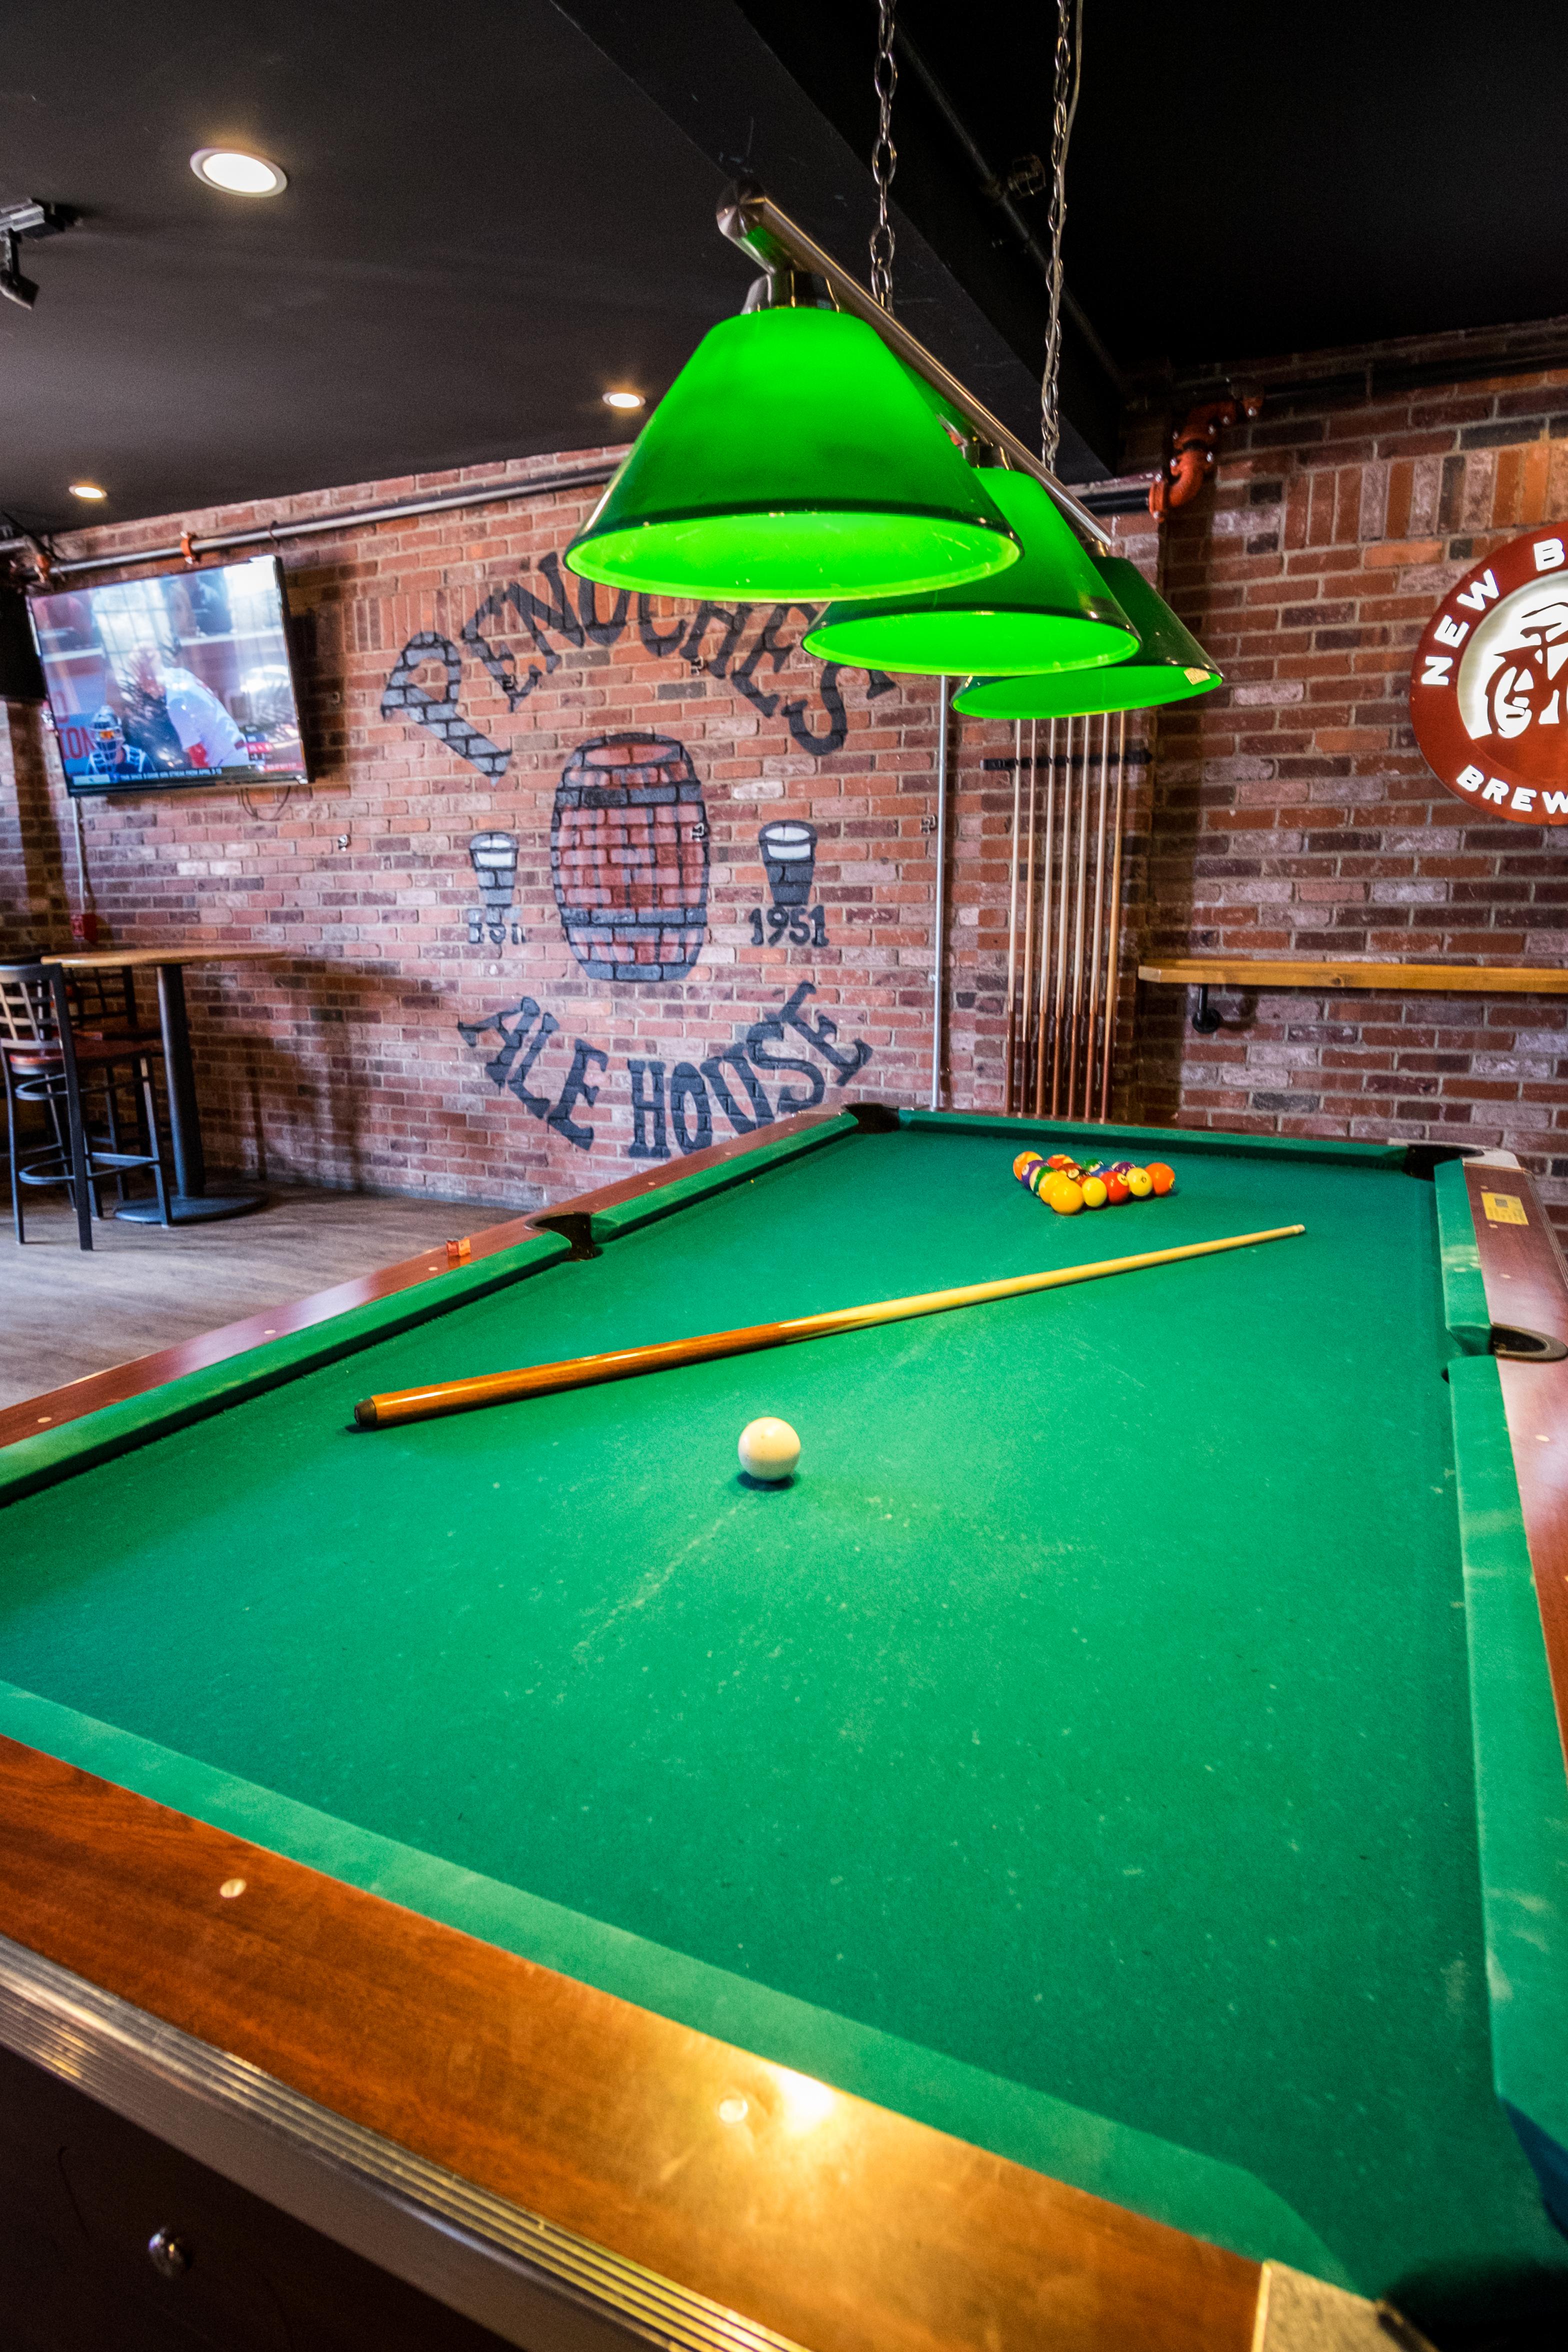 Pool game at Penuches Nashua